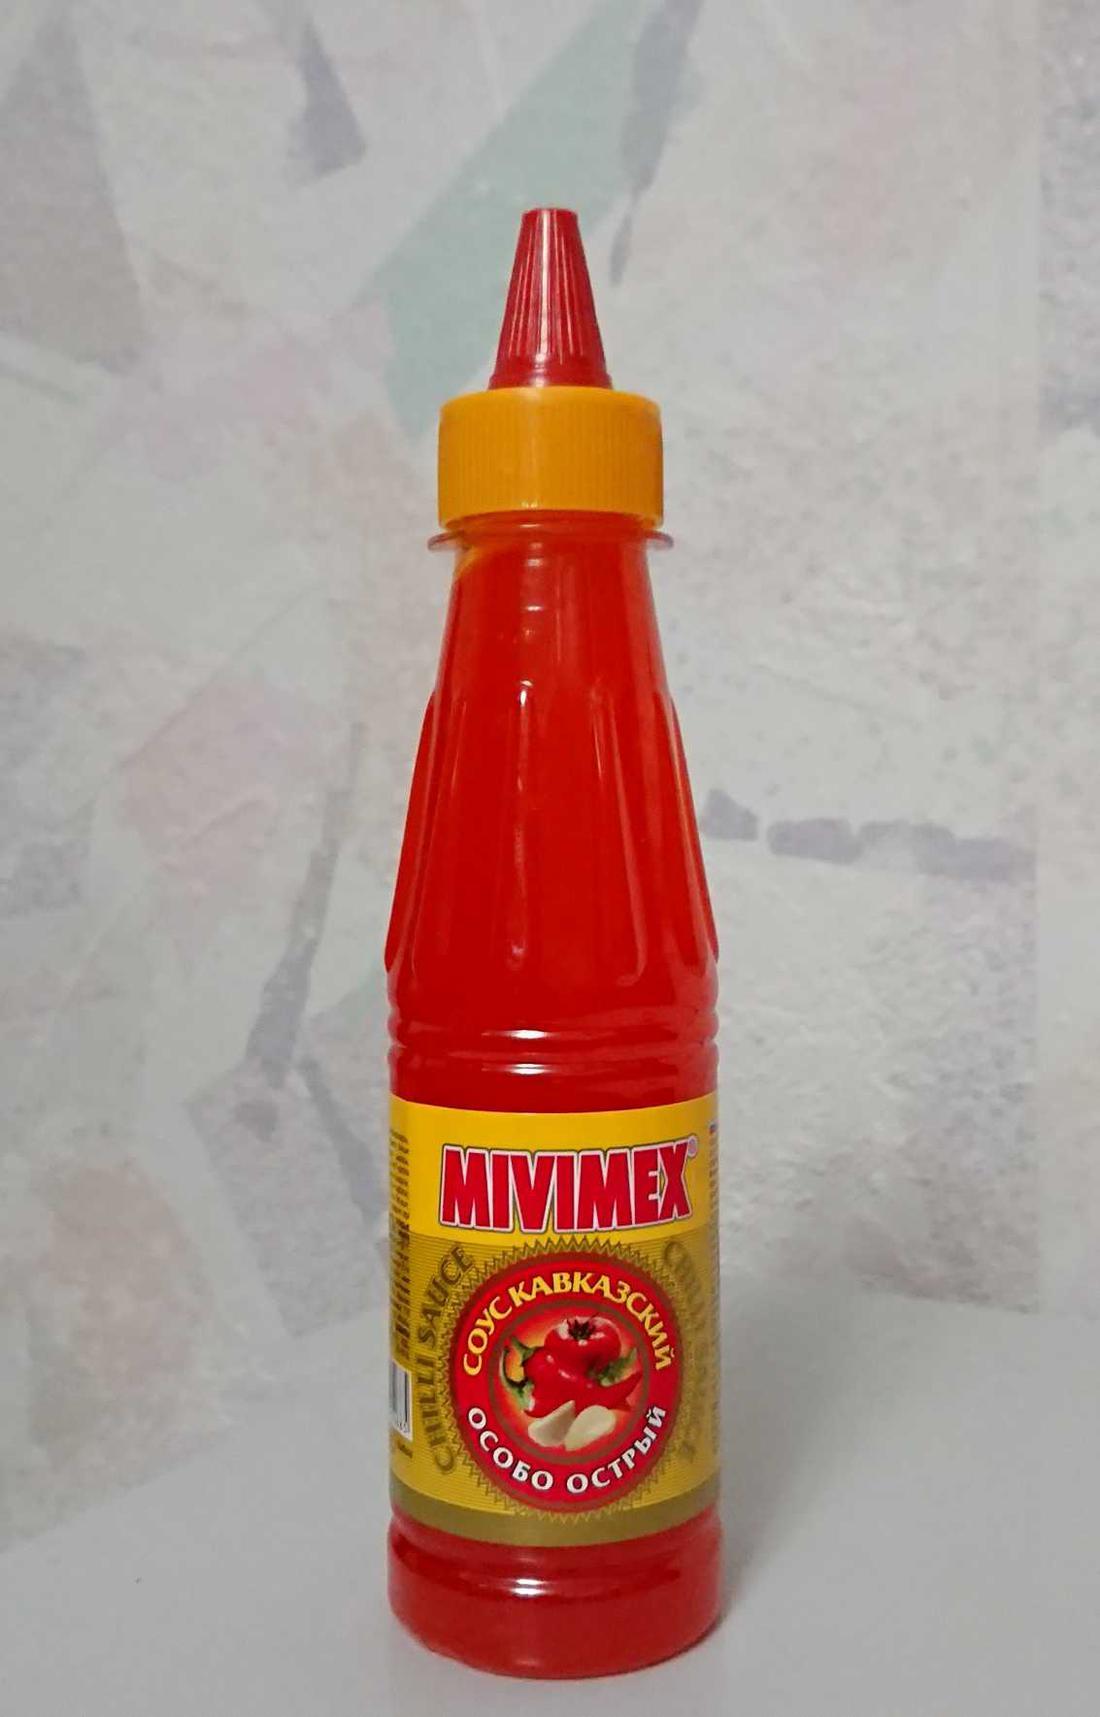 Mivimex